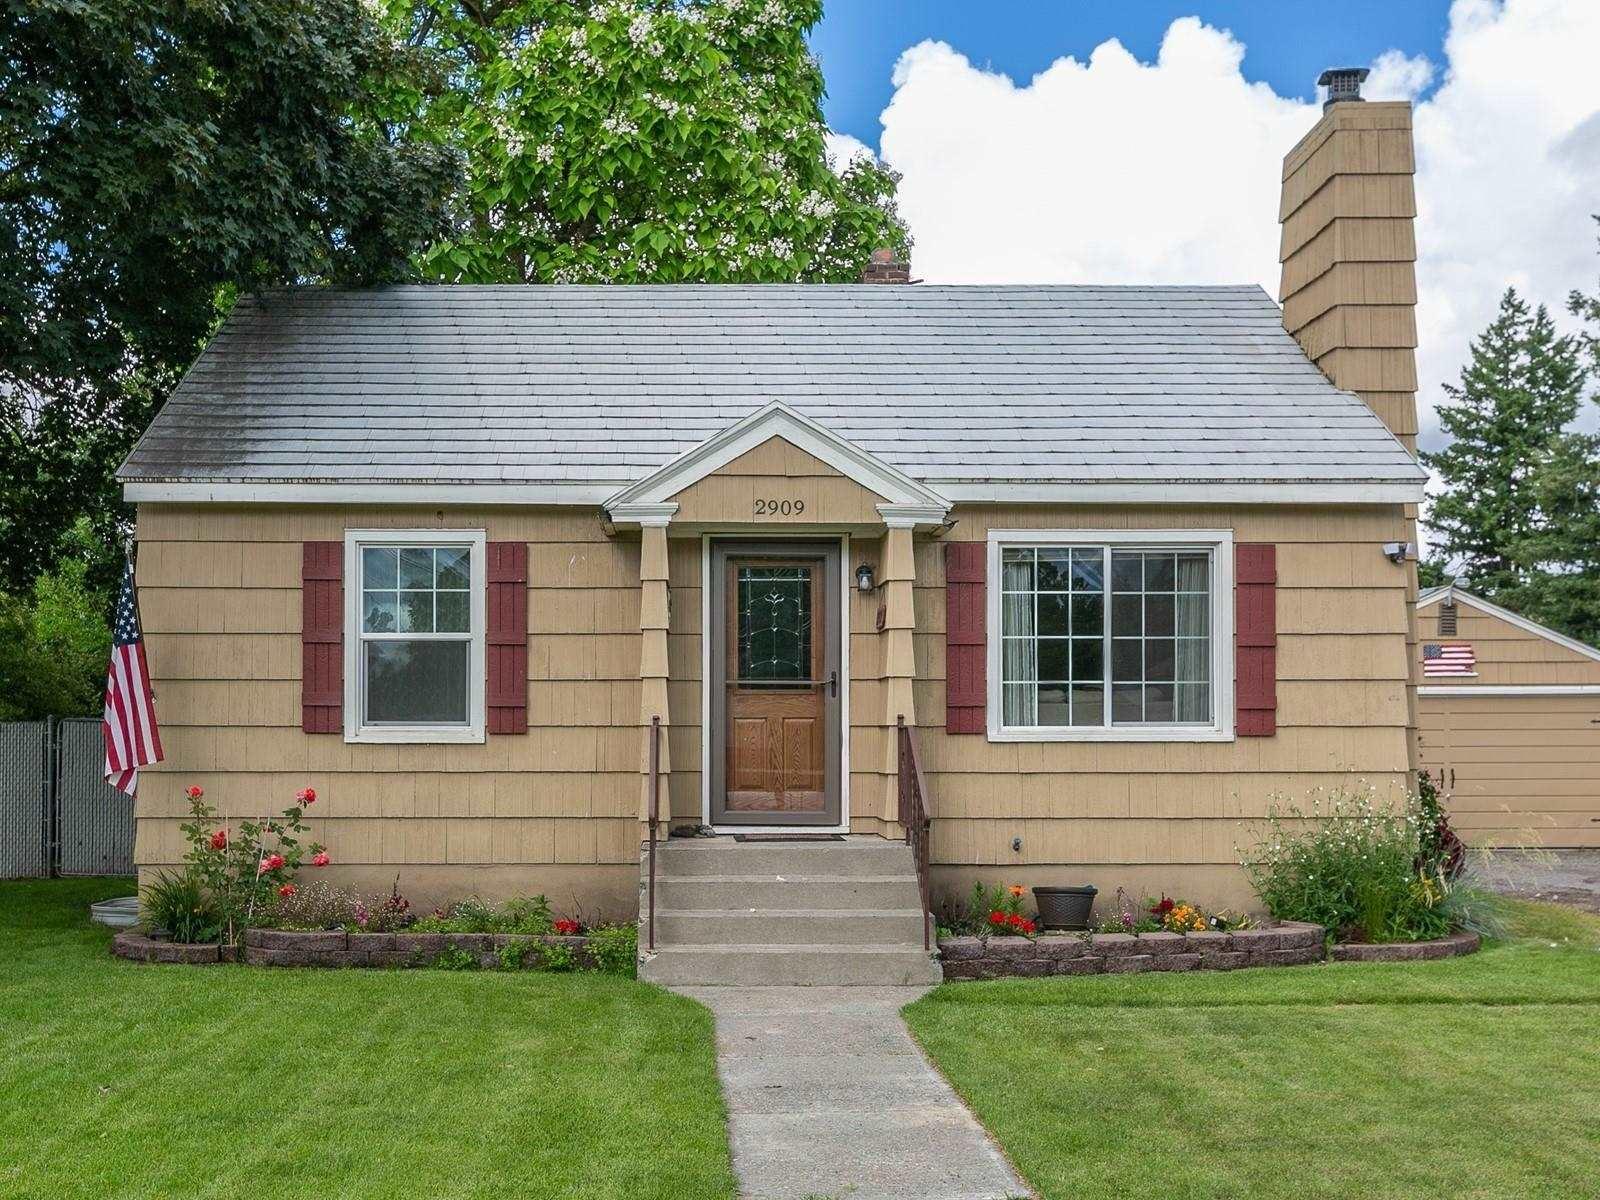 2909 N Coleman Rd, Spokane, WA 99212 - #: 202117470